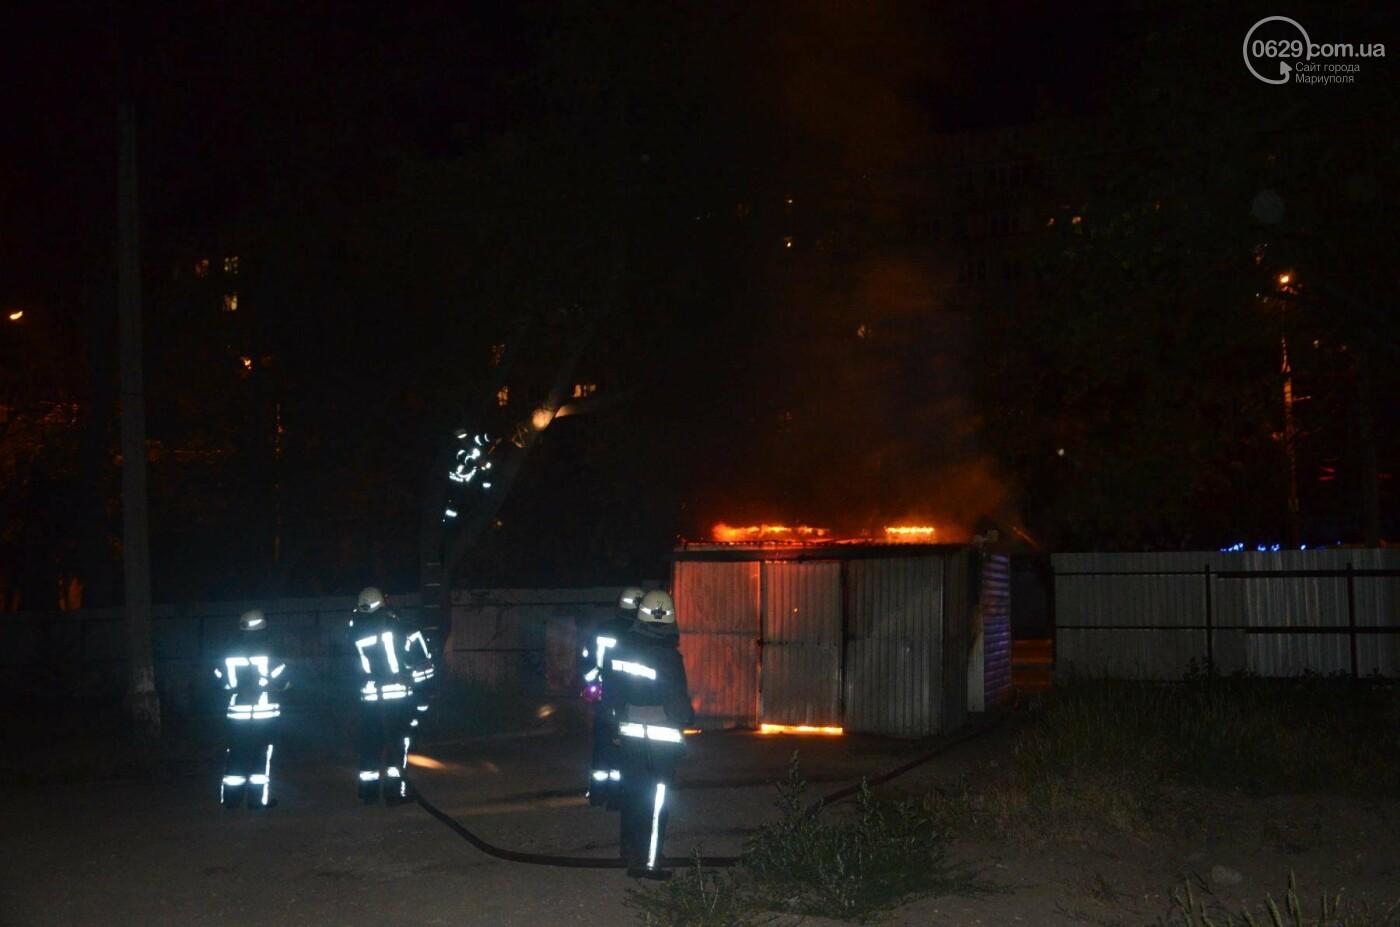 В Мариуполе на заброшенном хлебозаводе горел хлебный киоск, - ФОТО, ВИДЕО, фото-1